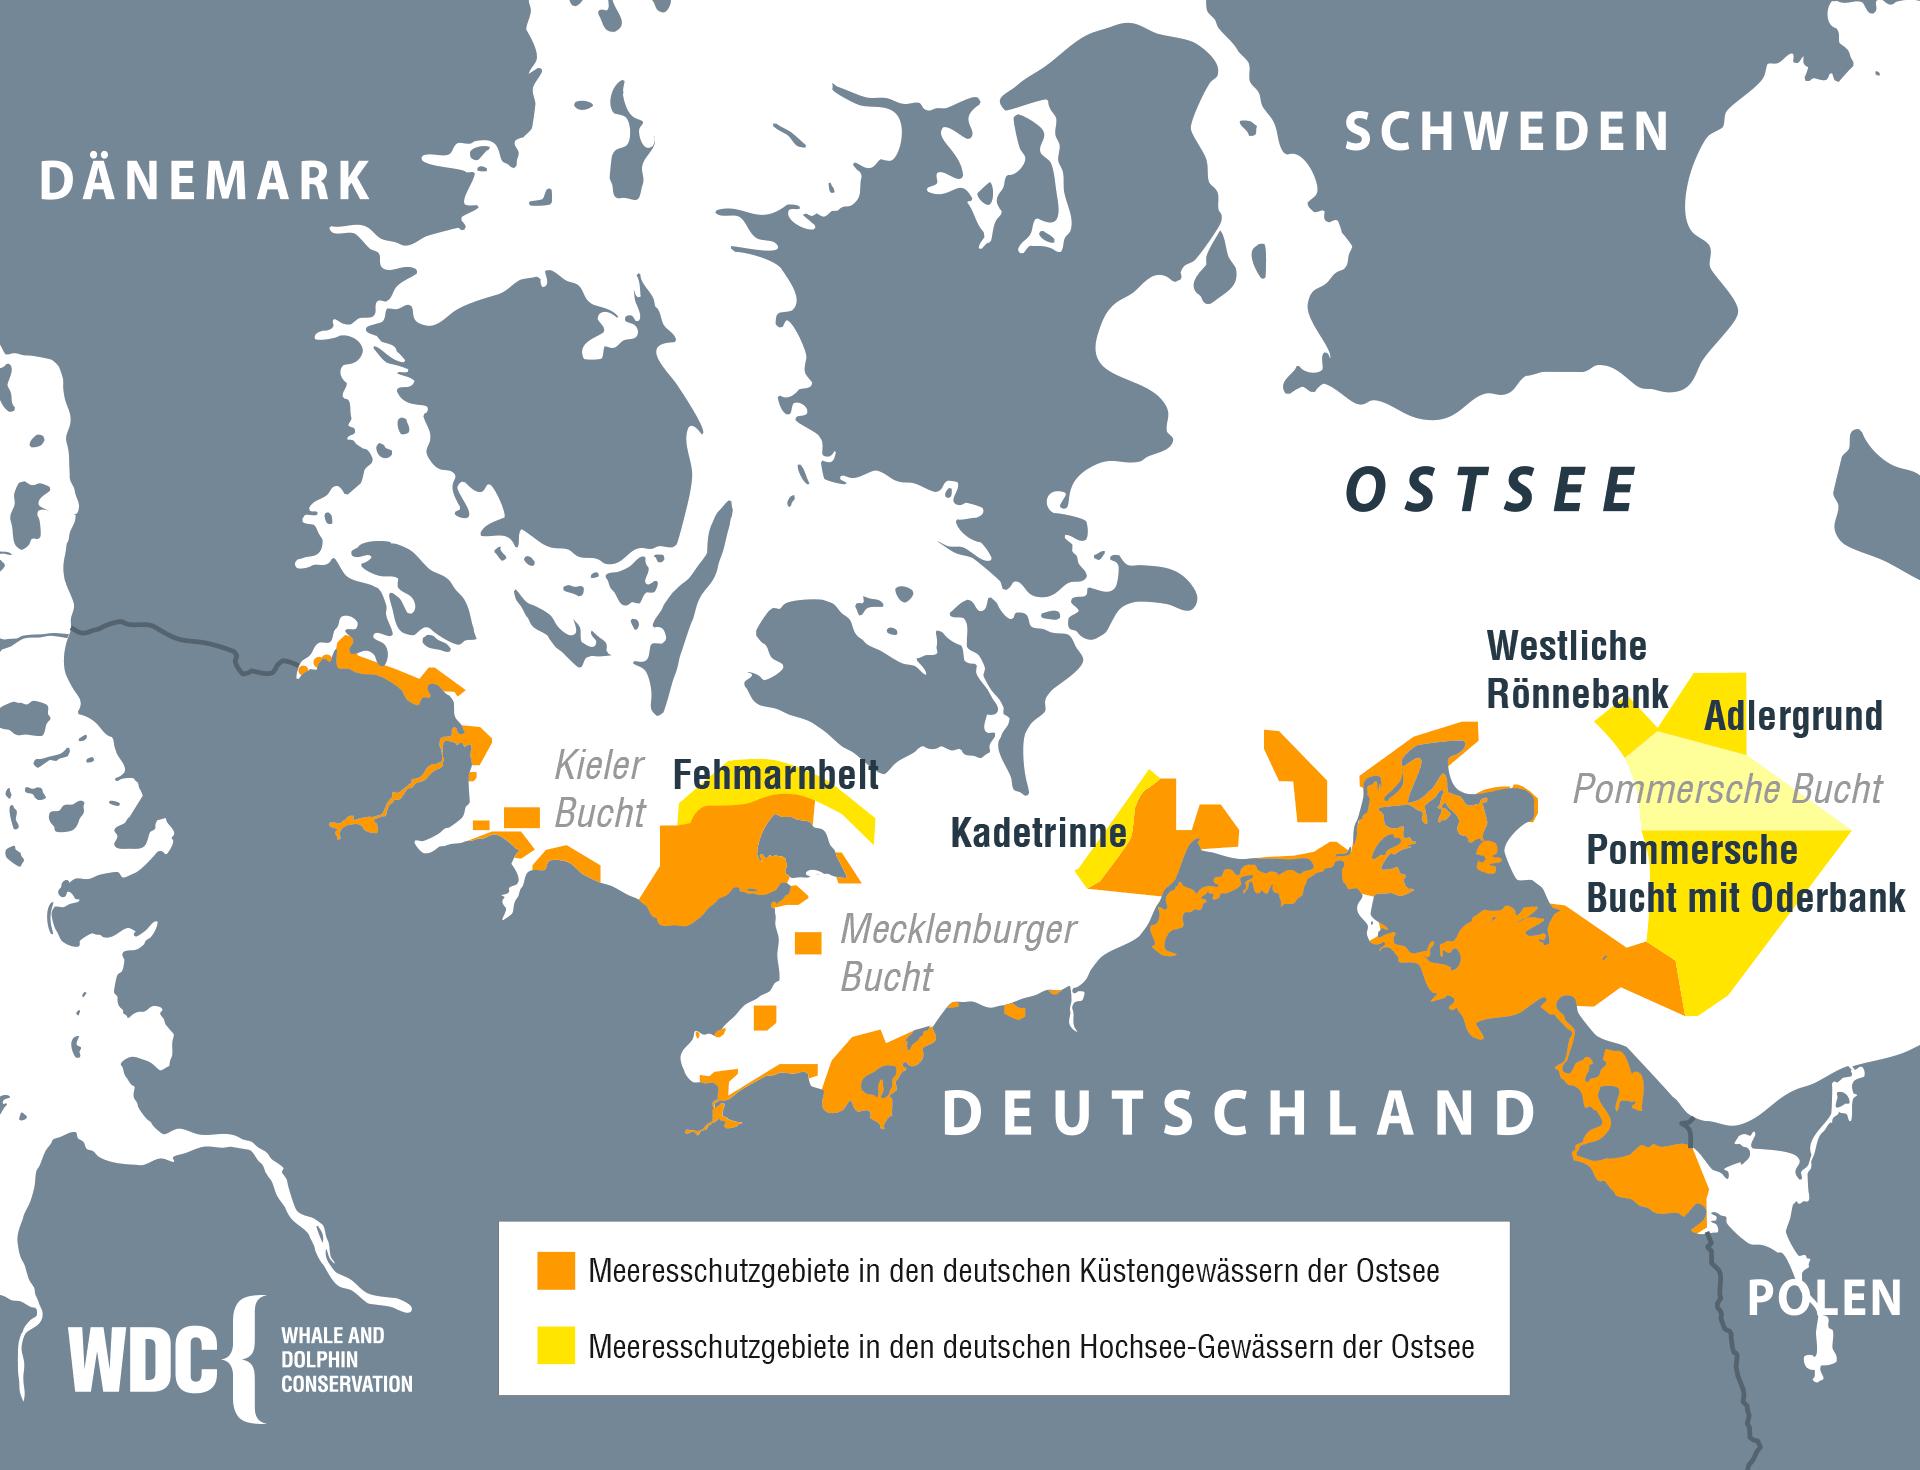 Schutzgebiete in der Ost- und Nordsee